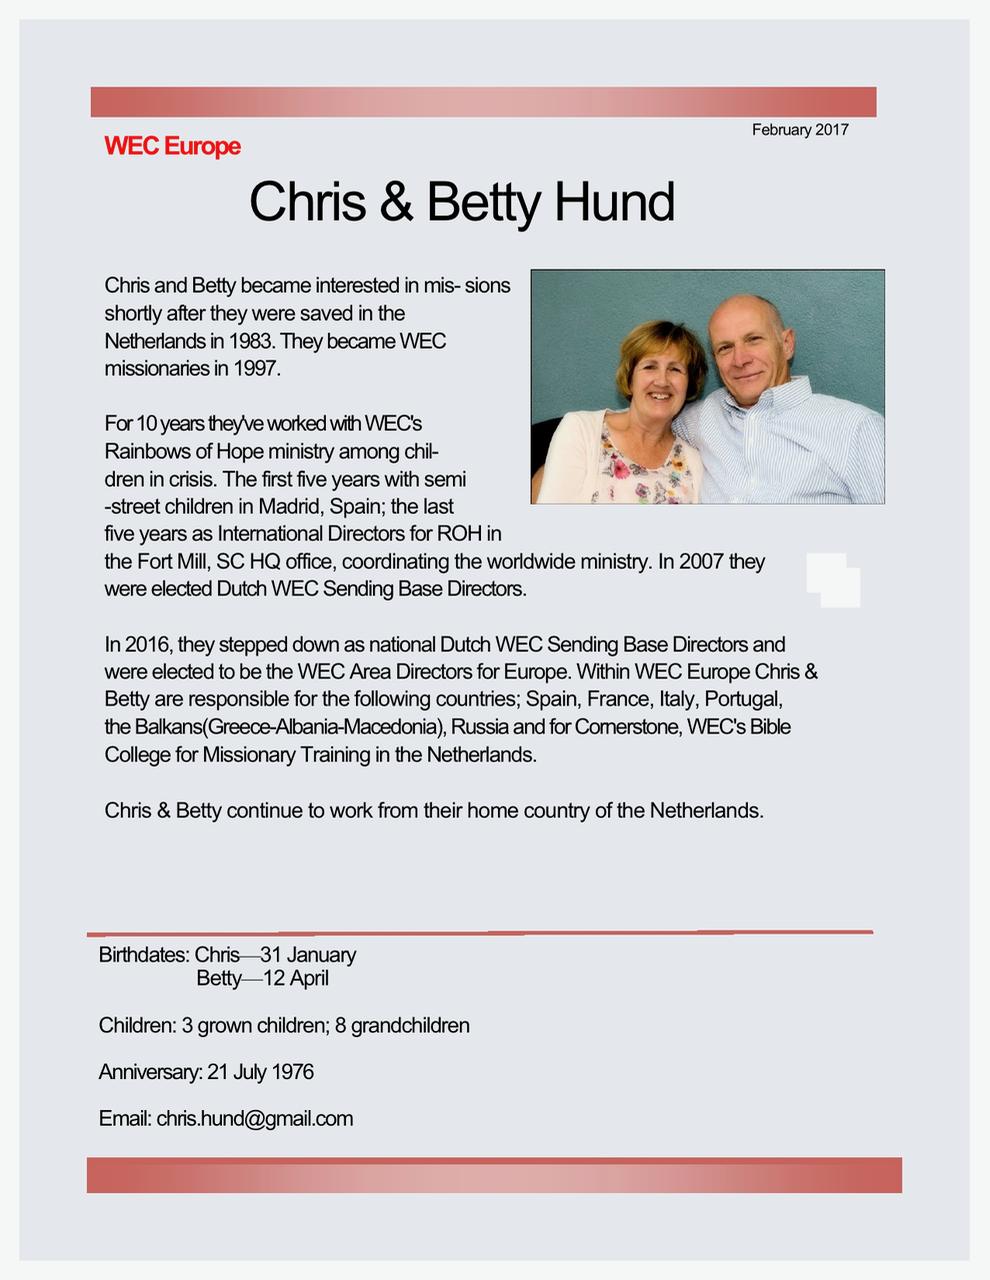 Chris and Betty Hund